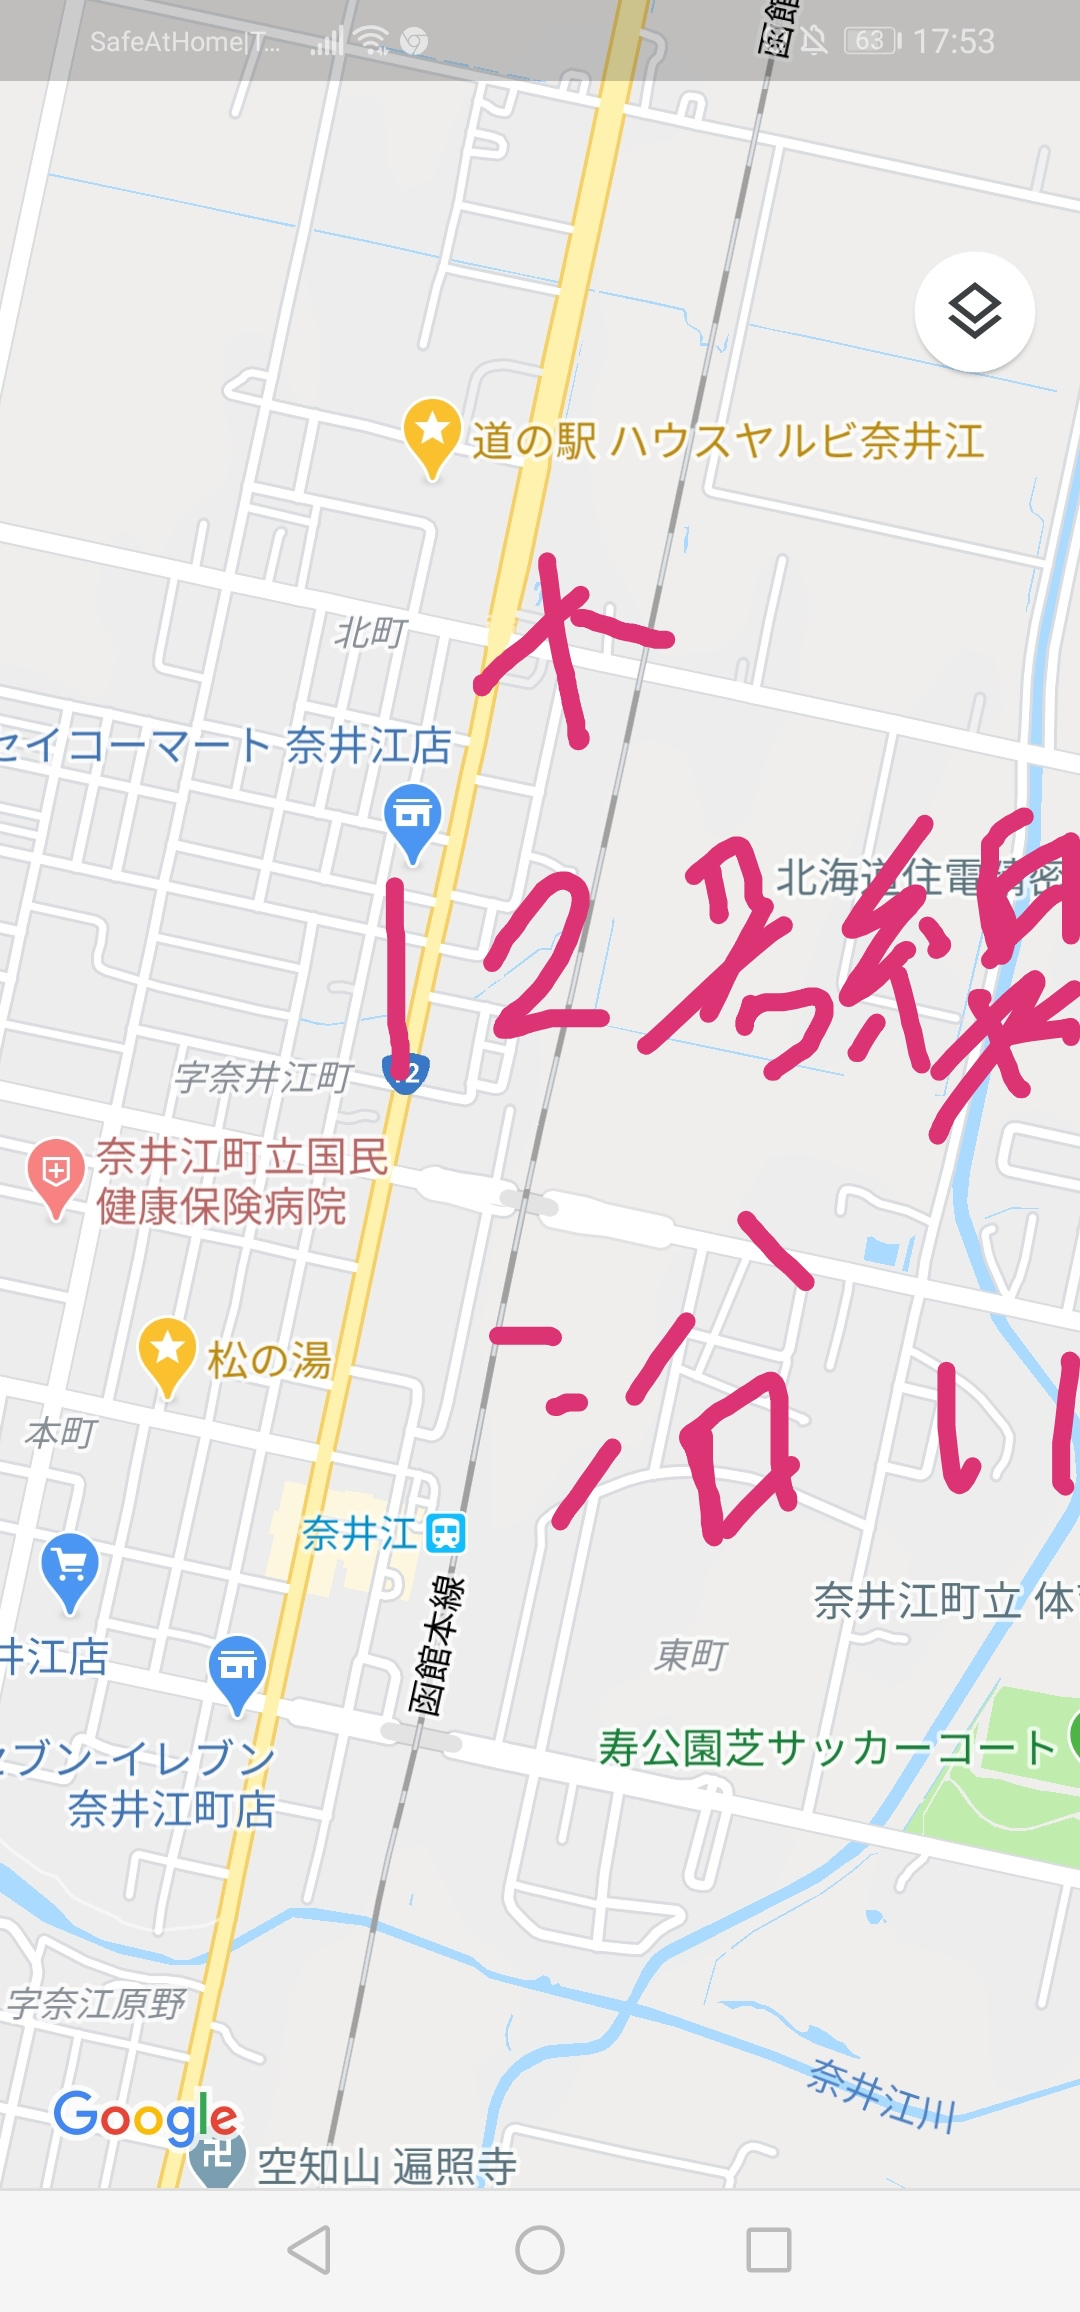 道の駅,ハウスヤルビ奈井江,チャリダー,自転車,キャンプ,野宿,テント,セイコーマート,